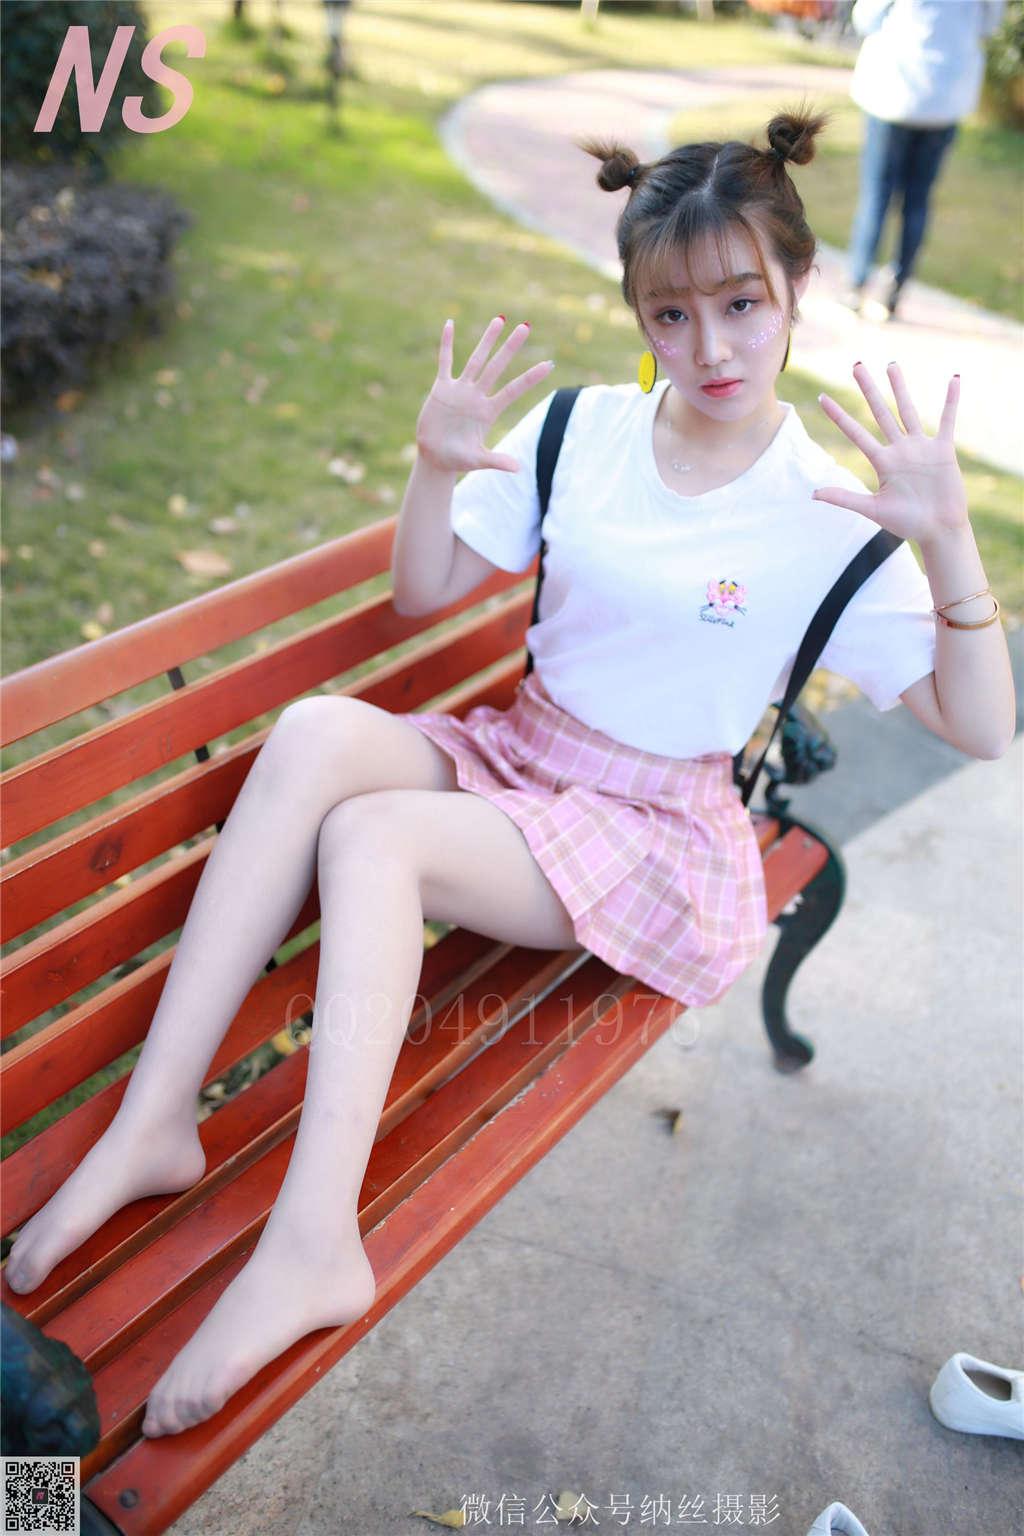 格子裙琴子校园帆布鞋长椅写真(点击浏览下一张趣图)